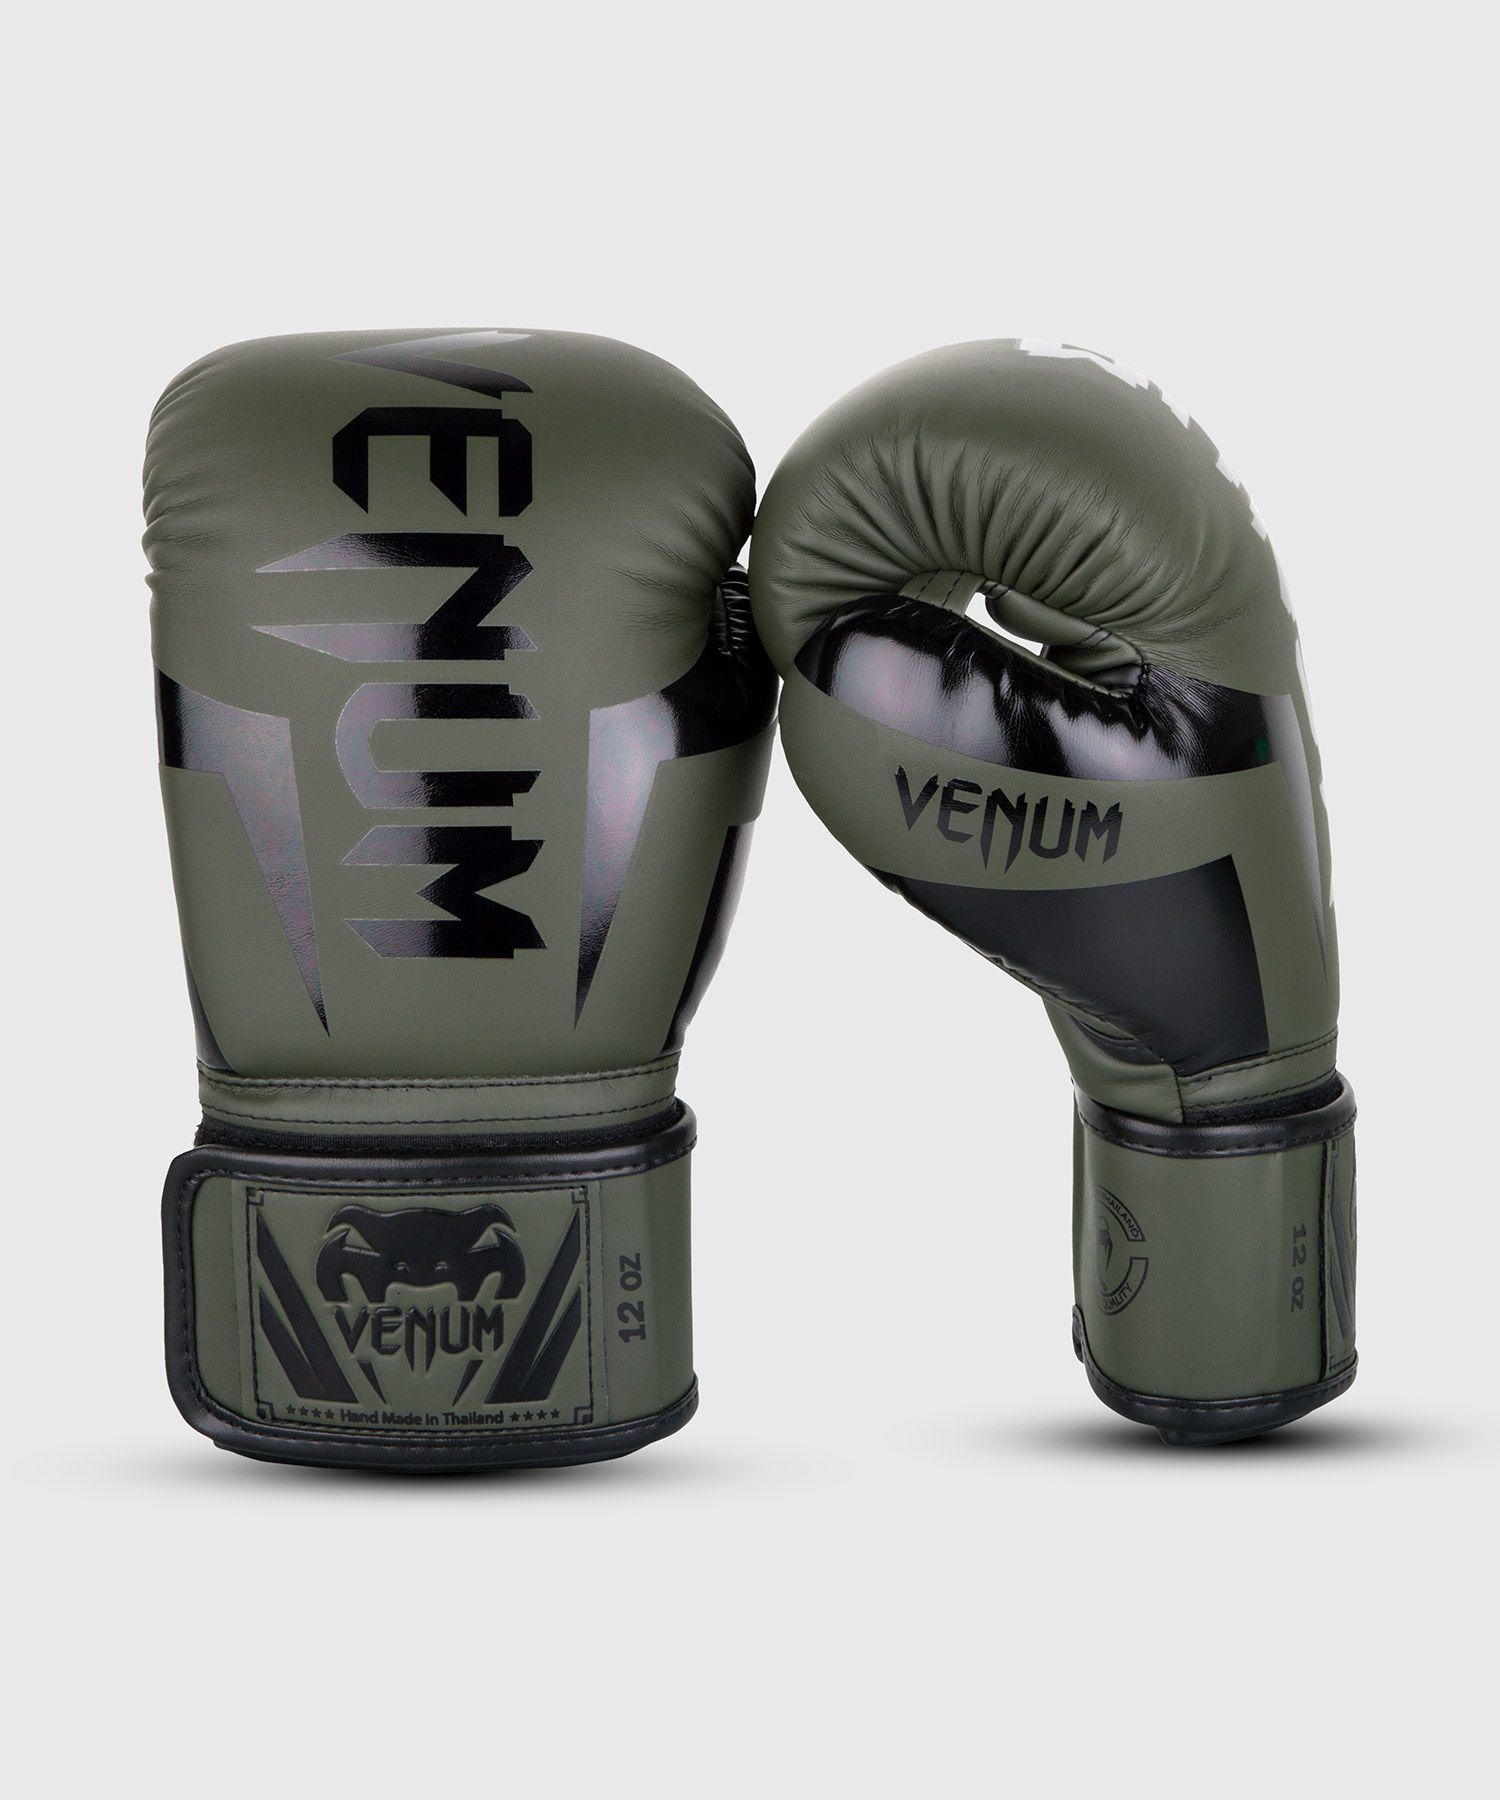 Venum Elite Gants de boxe Olive Camo